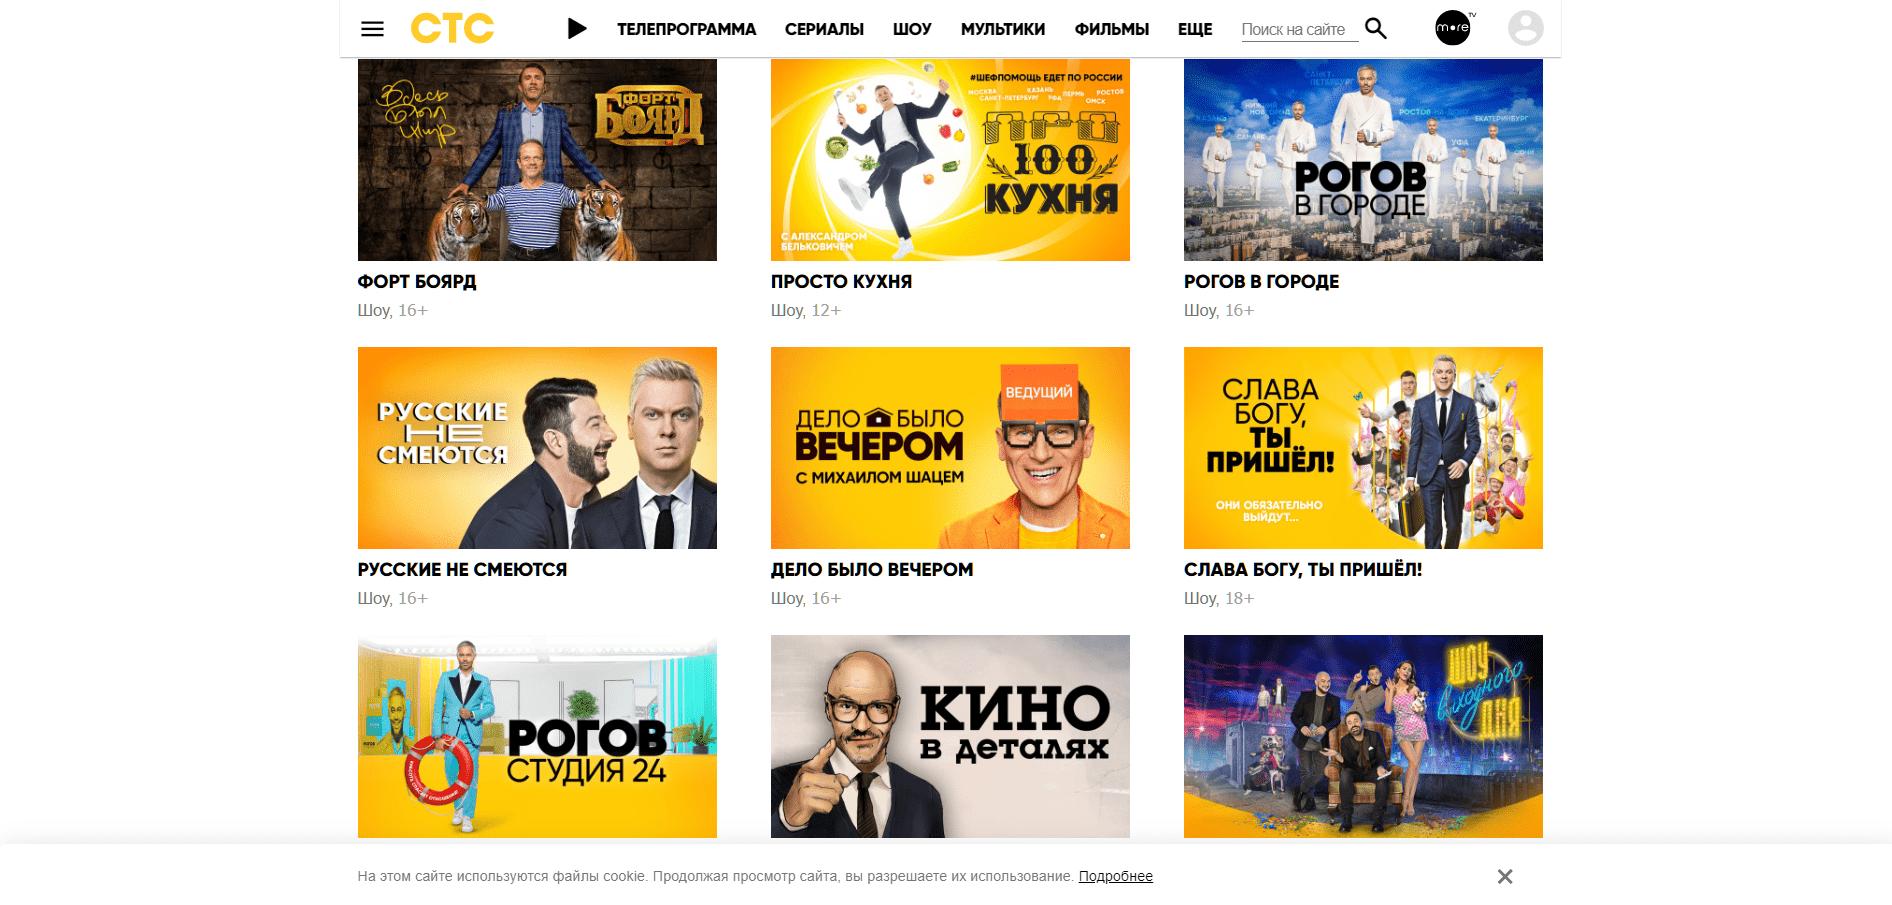 Пропал канал стс на телевизоре - что делать, ответы экспертов - Исправимо.ру